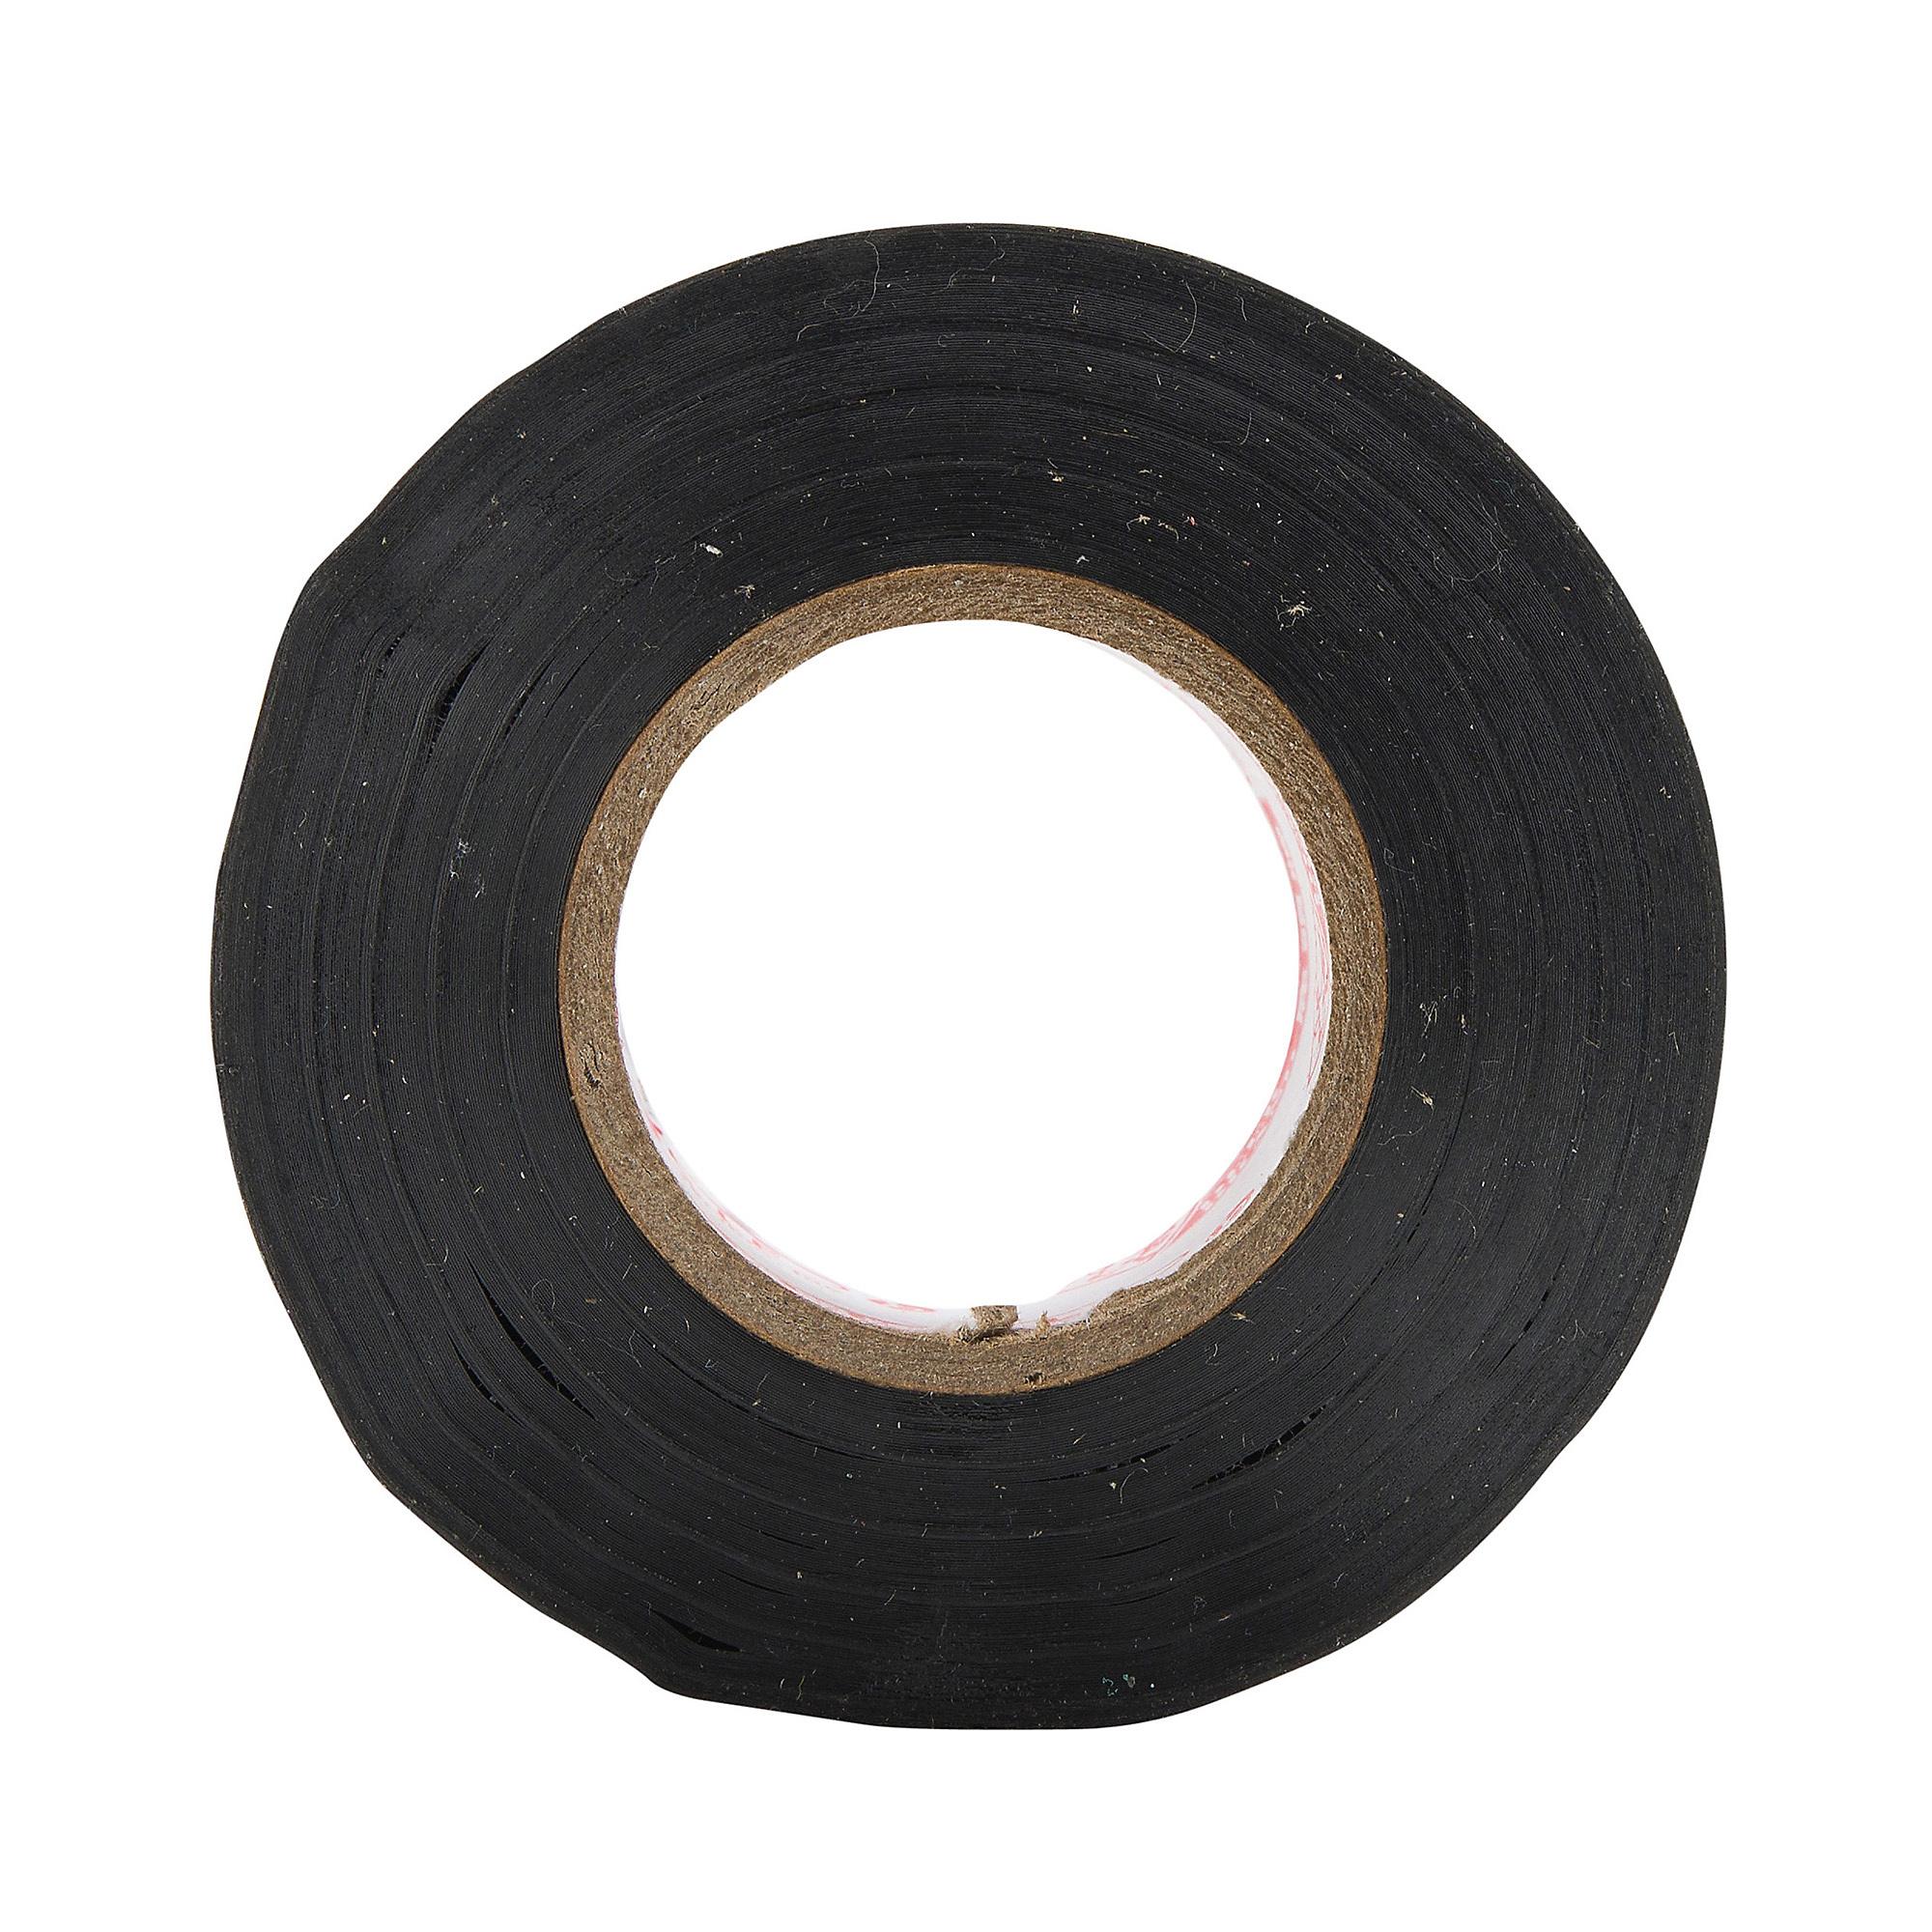 江苏苏州PVC绝缘胶带 橡胶电工胶带 耐高温电工... - 中国供应商